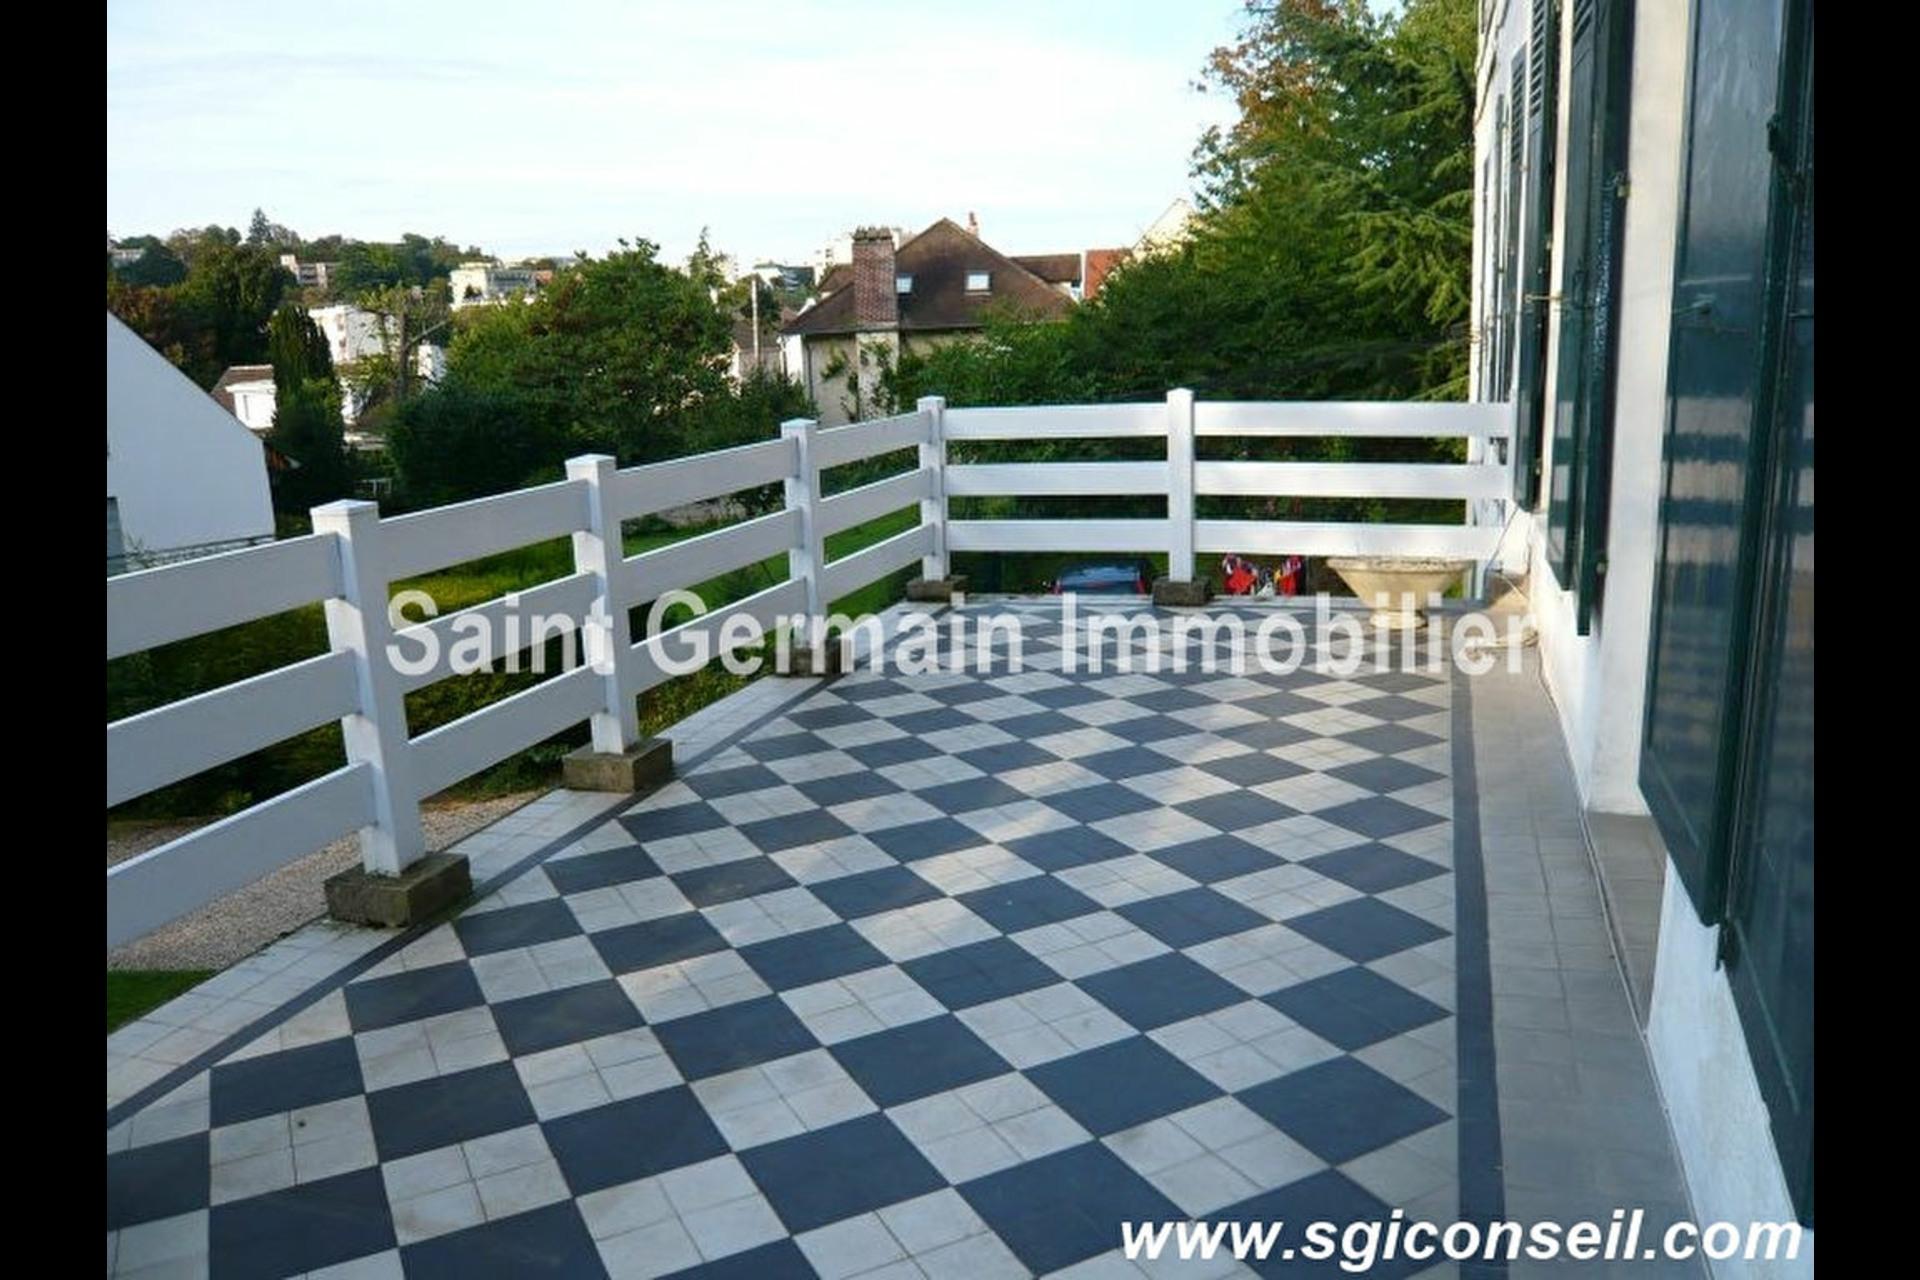 image 4 - Appartement À louer saint germain en laye - 6 pièces